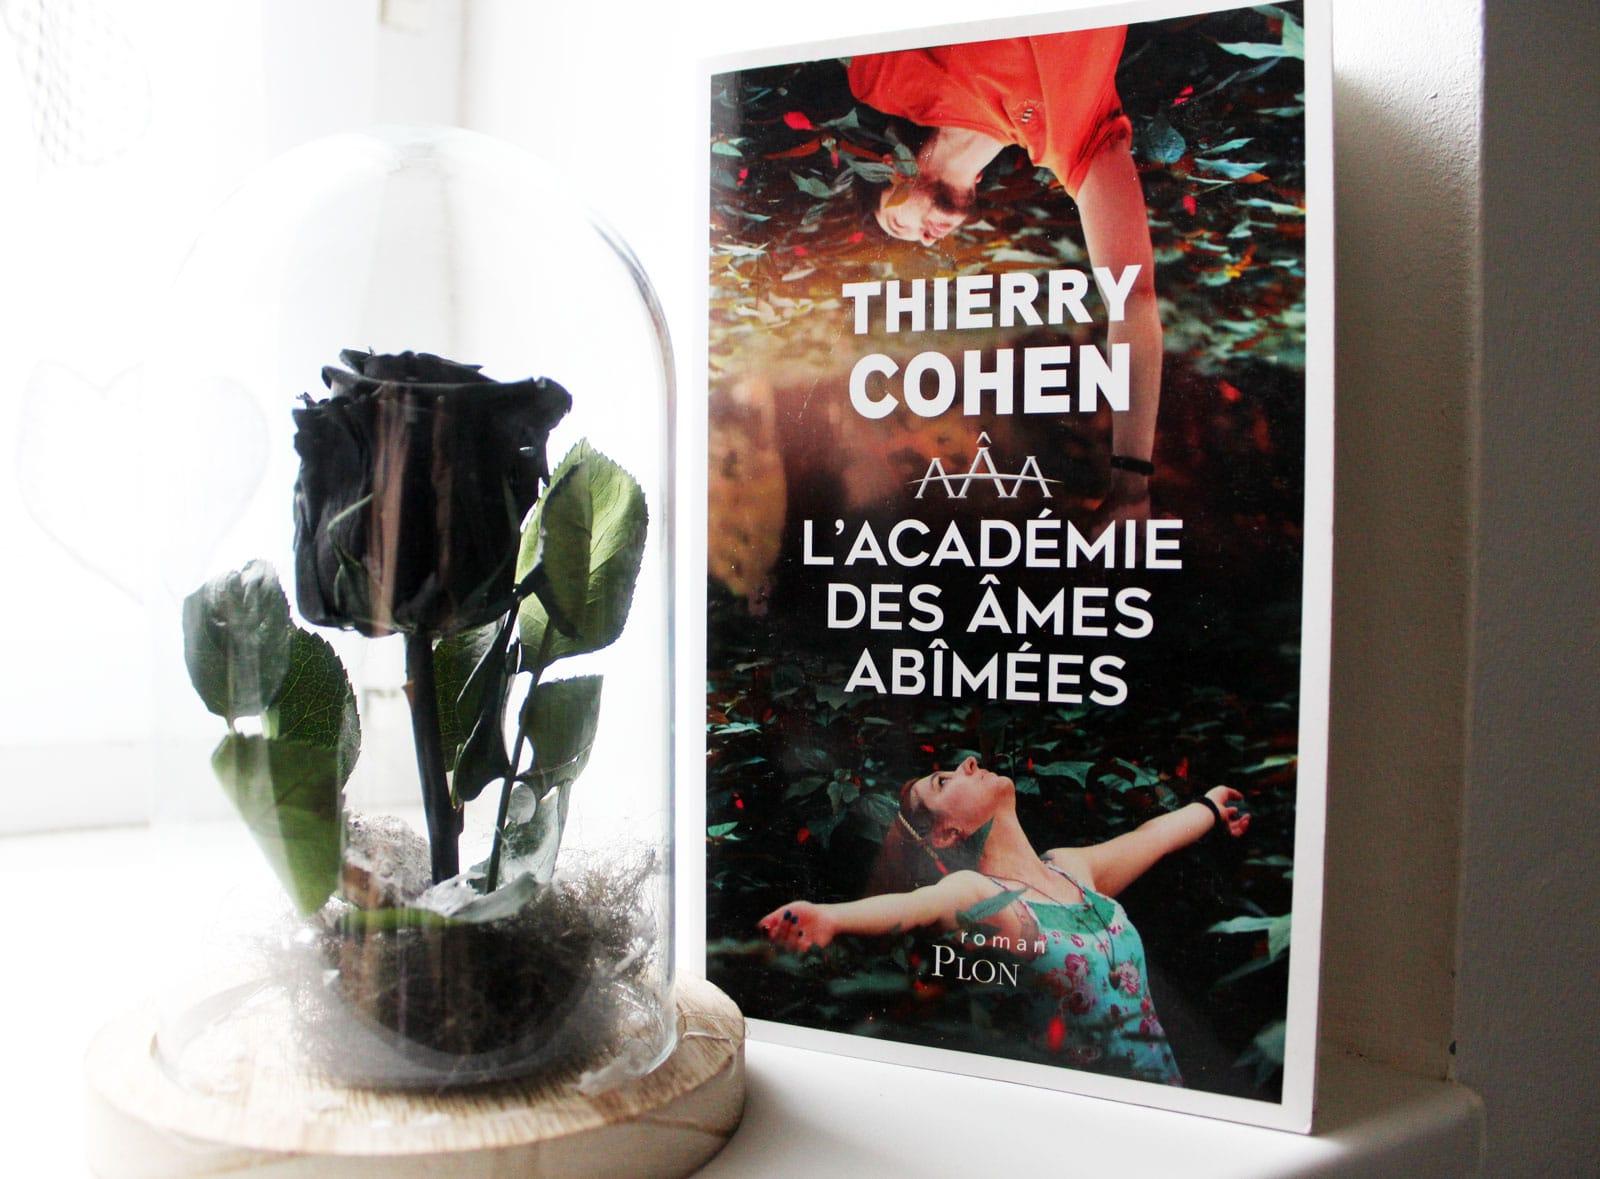 L'Académie des âmes abîmées – Thierry COHEN